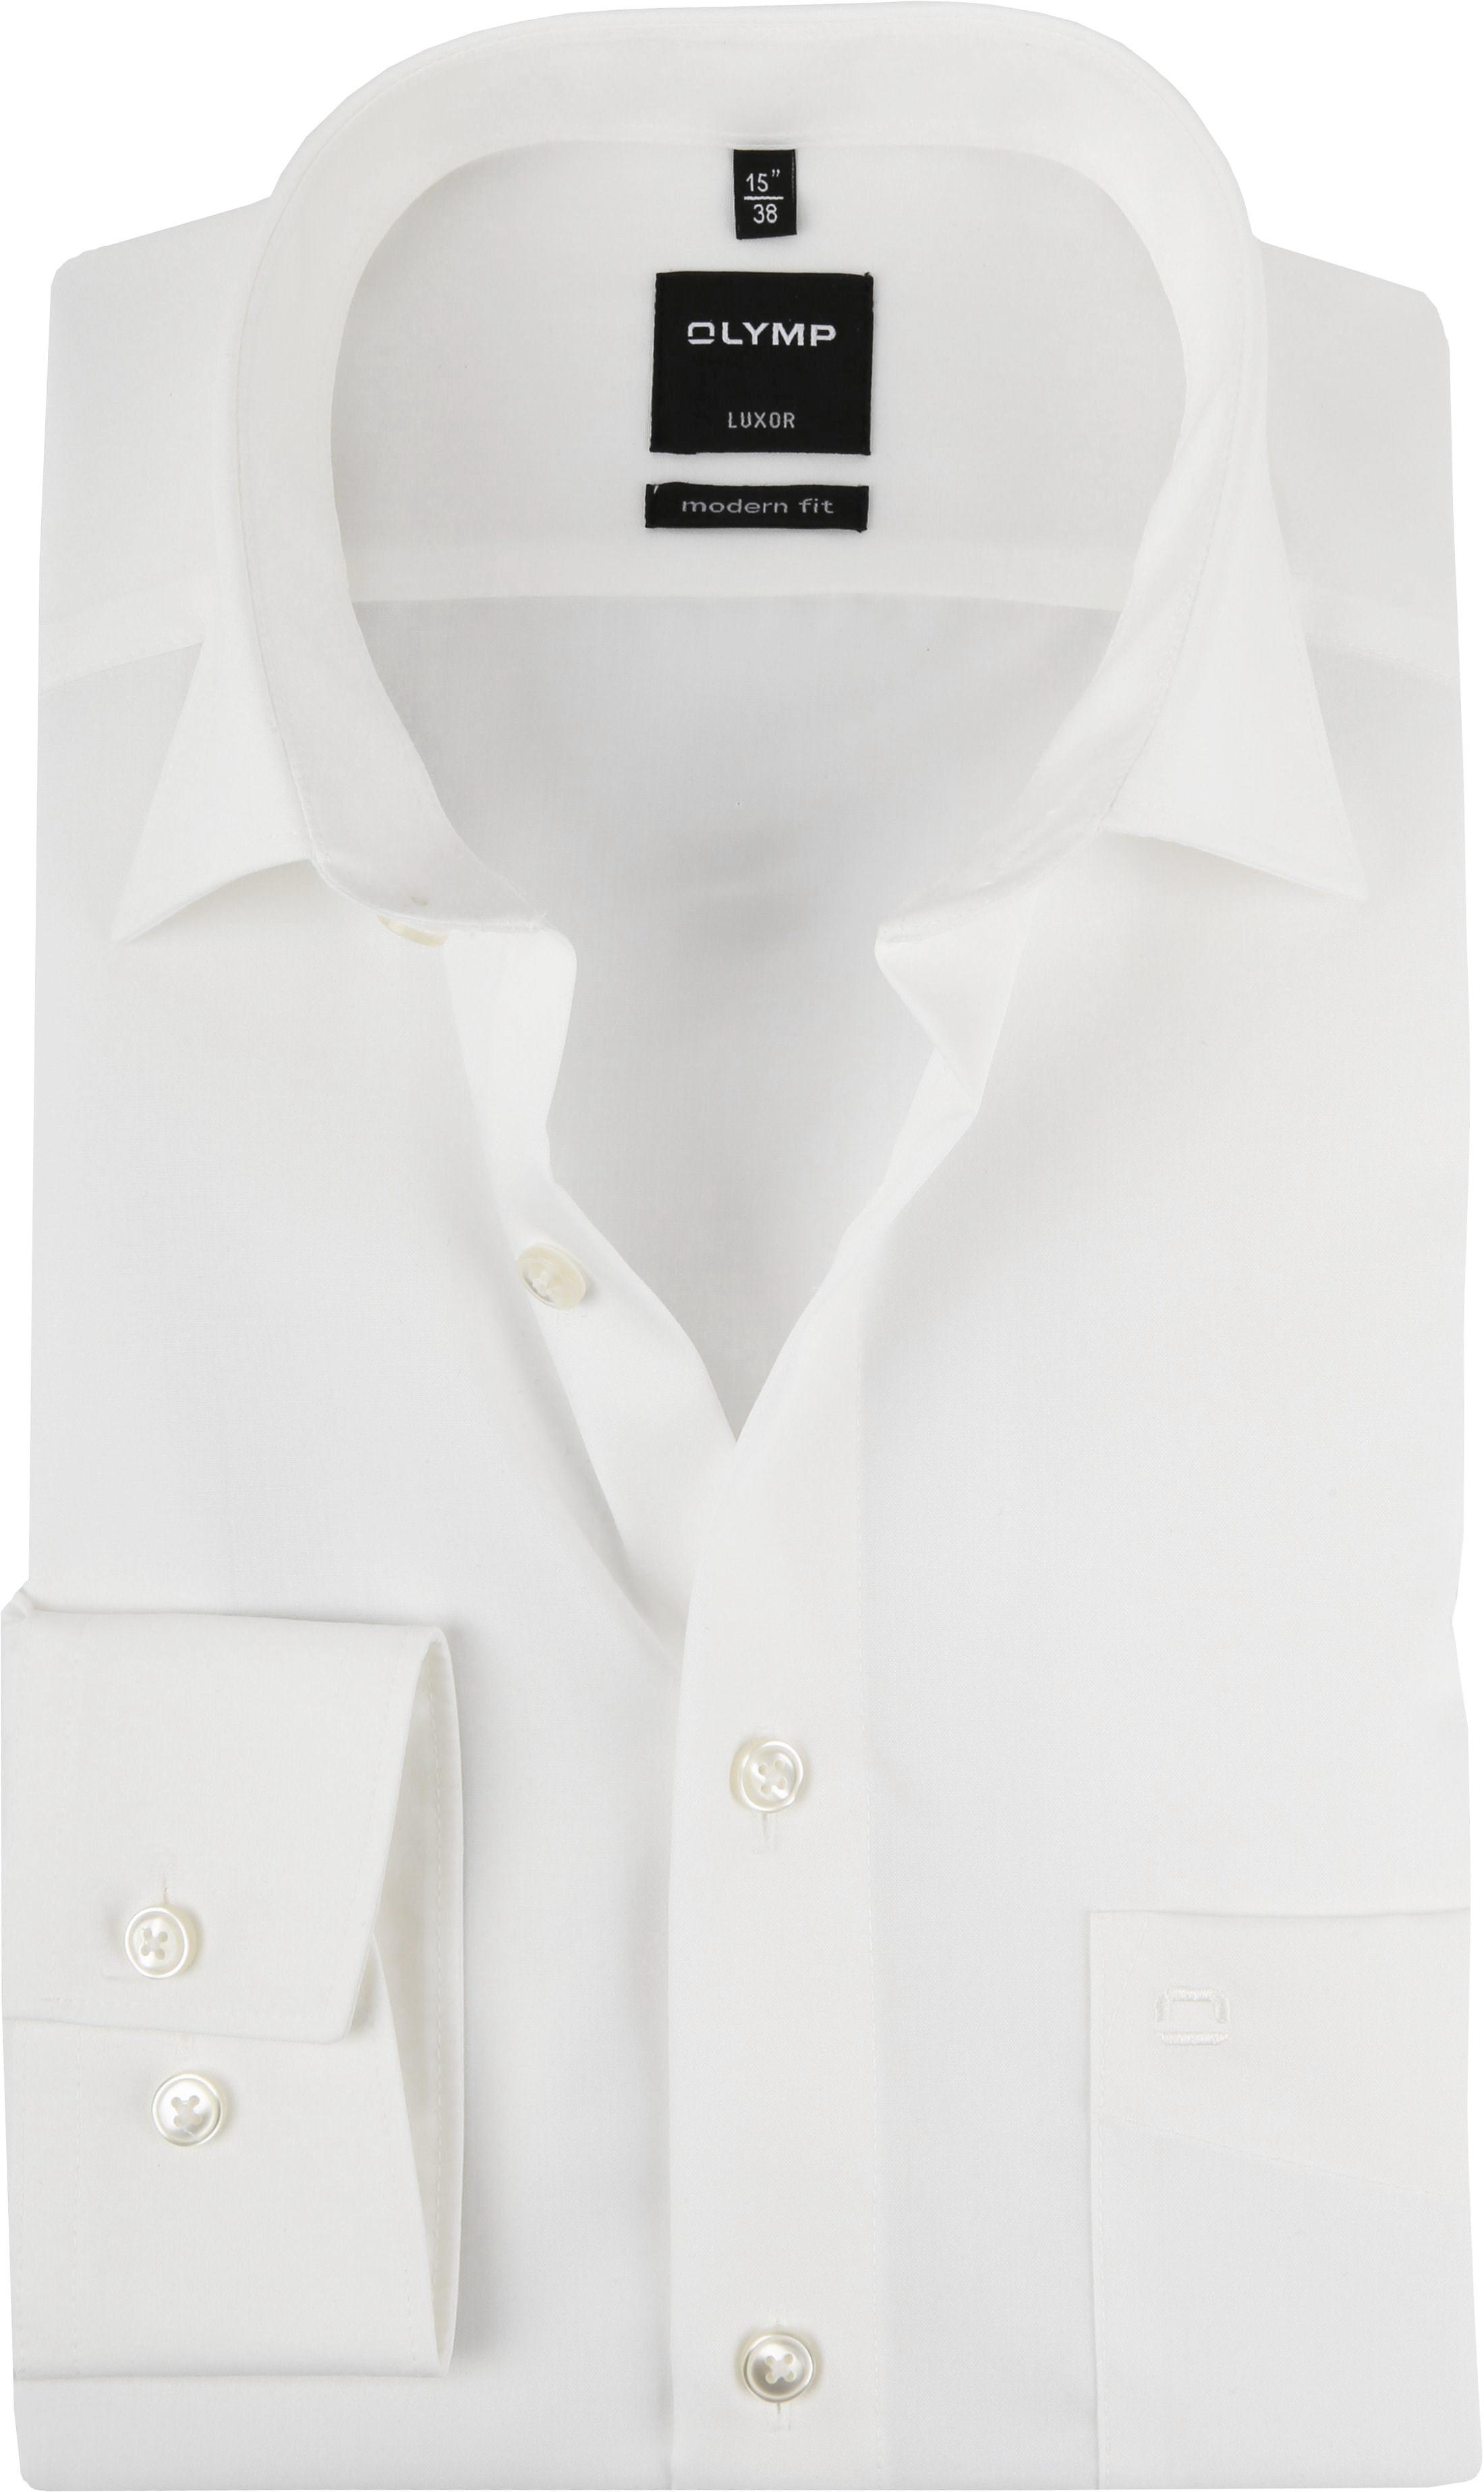 Olymp 7 Sleeve Wedding Shirt Ecru foto 0